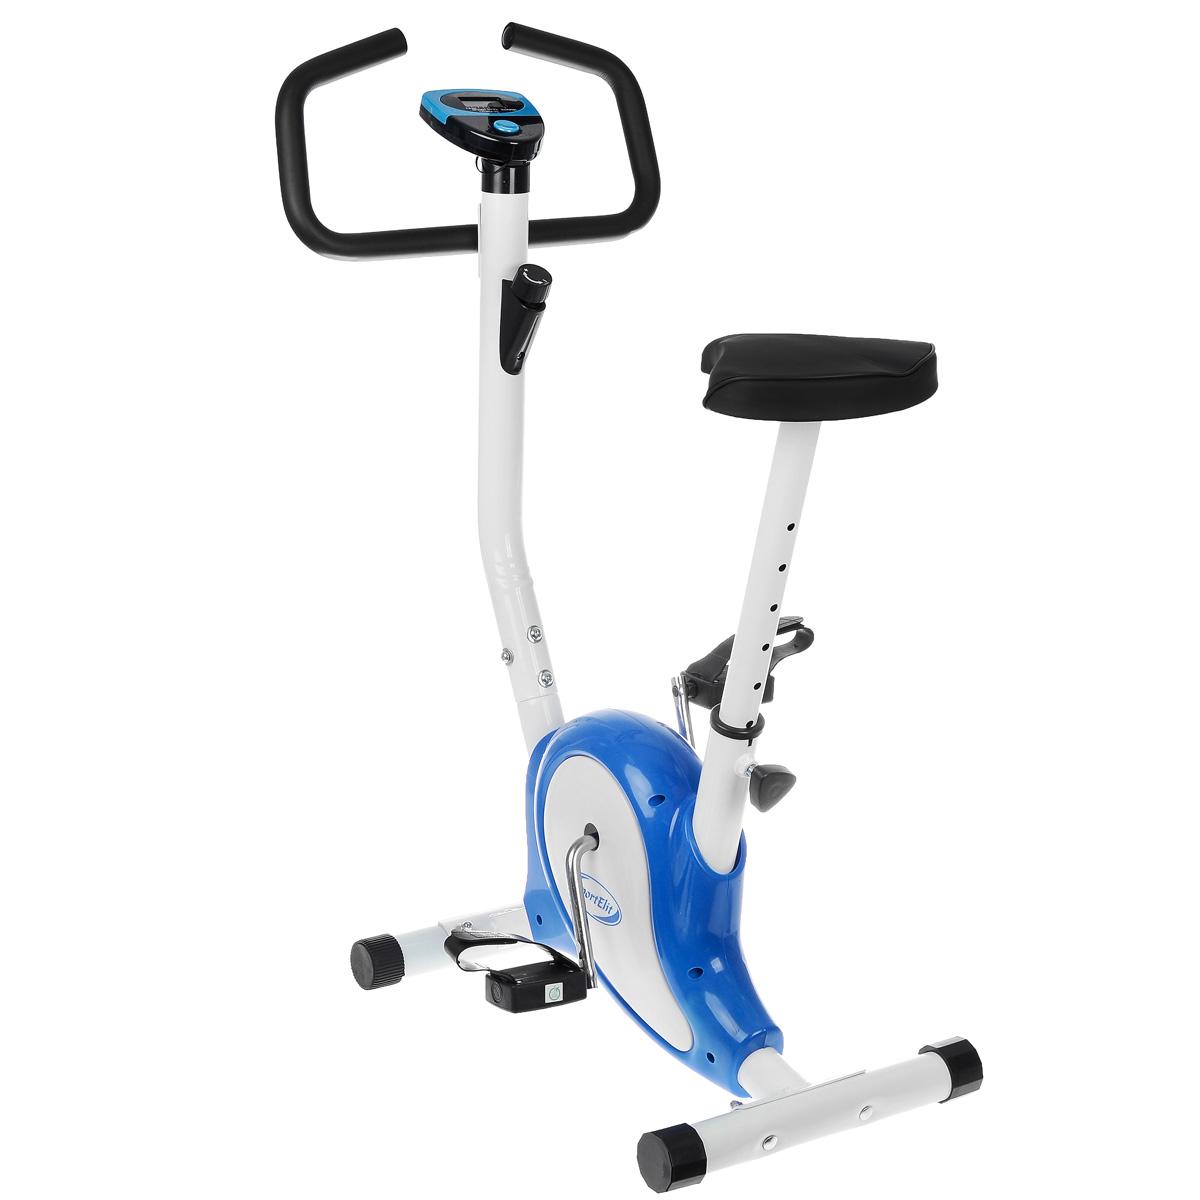 Велотренажер Sport Elit, 70 см х 46 см х 99 см велотренажер sport elit se 400